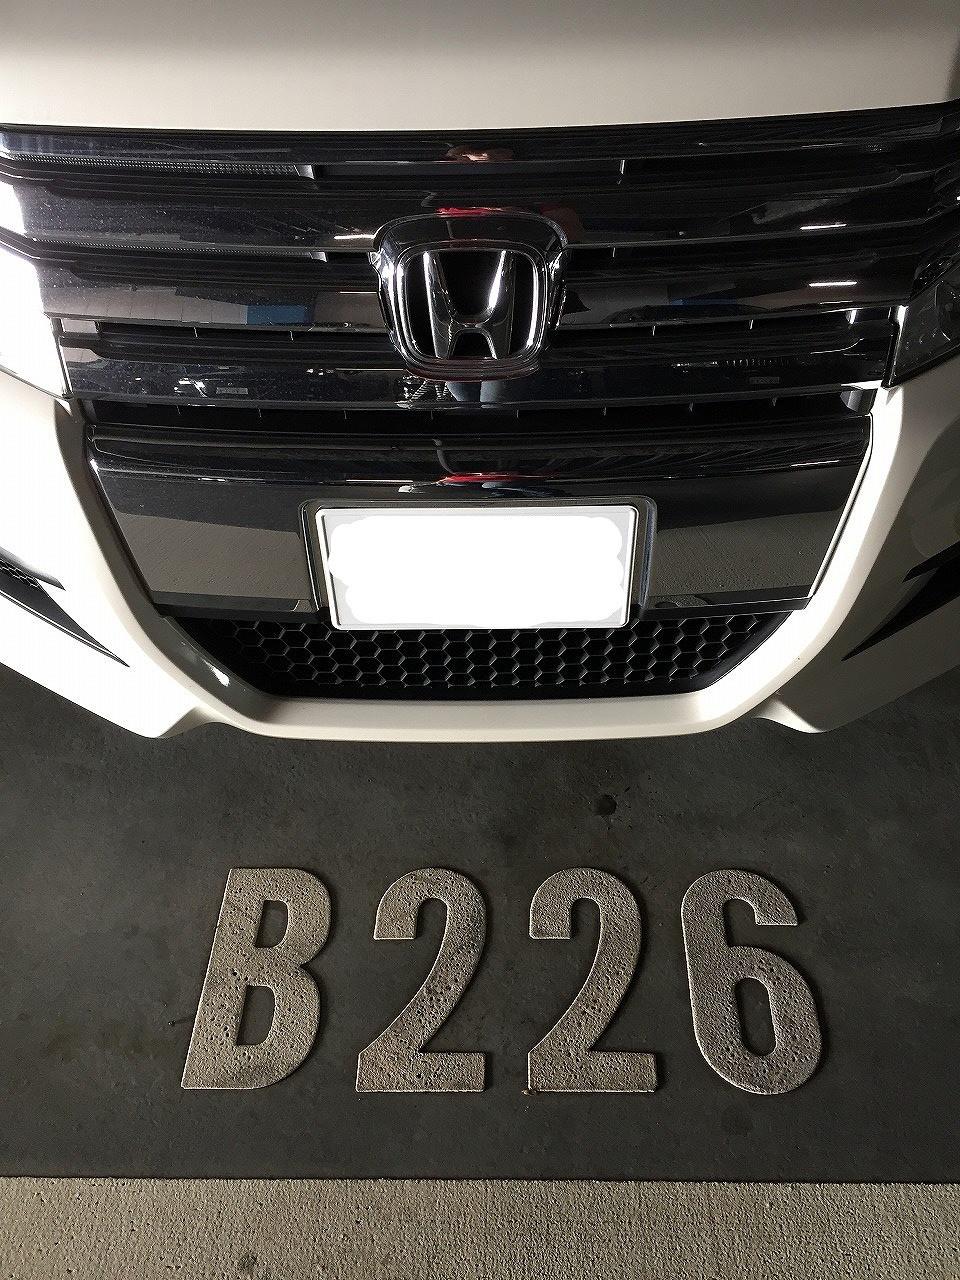 駐車スペースには番号がついているので、自分の駐車位置を忘れずに!